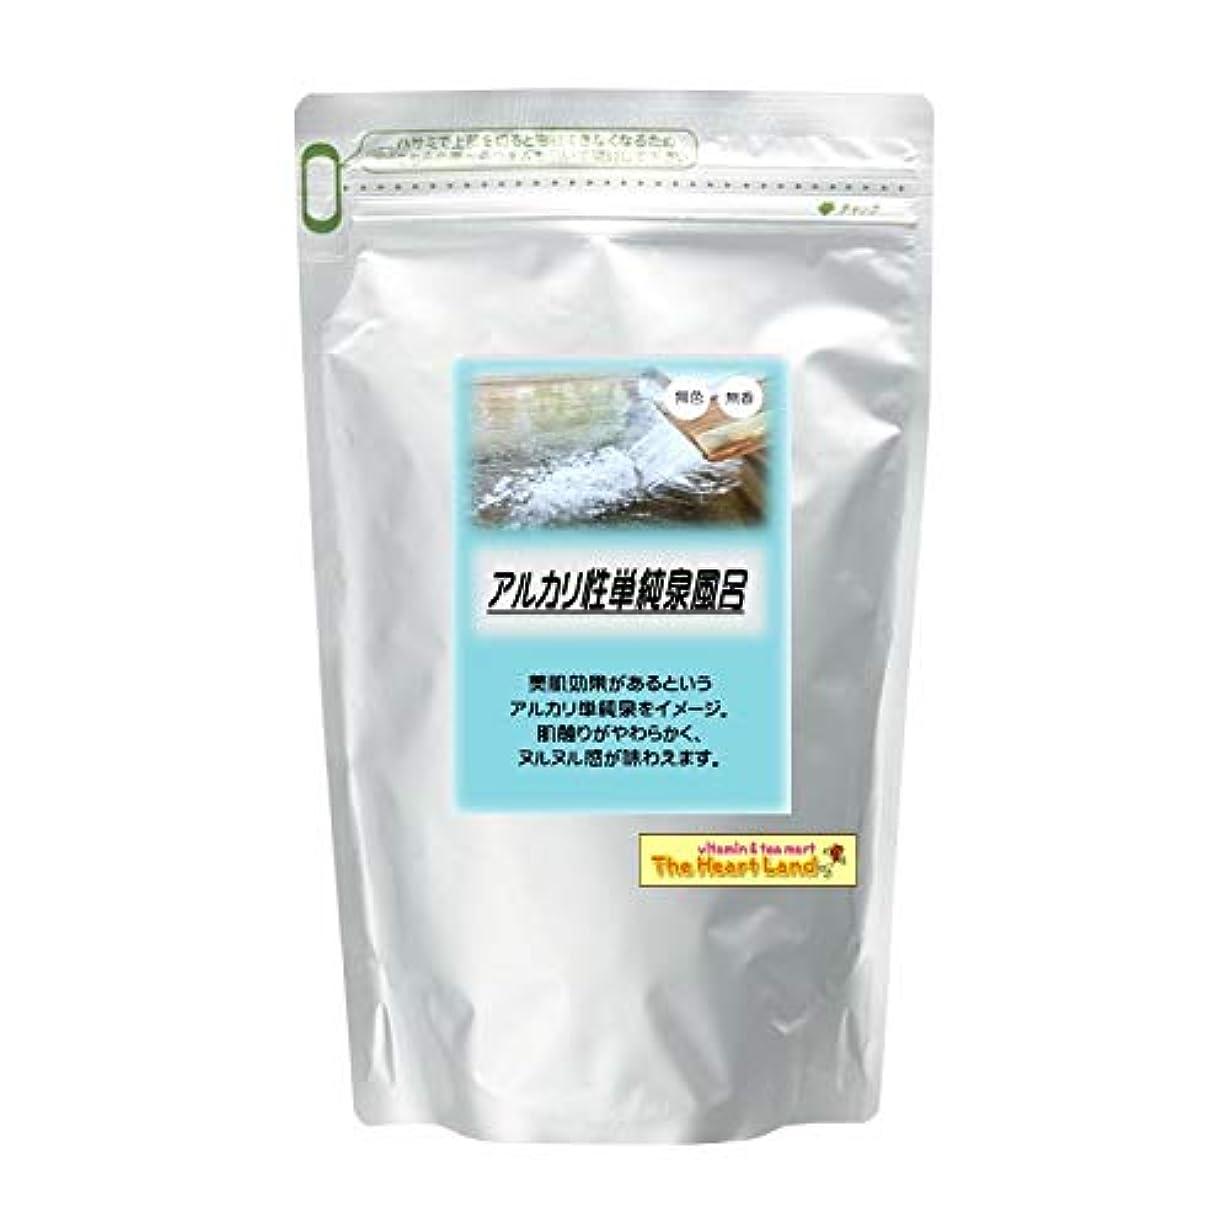 の少年意識アサヒ入浴剤 浴用入浴化粧品 アルカリ性単純泉風呂 2.5kg